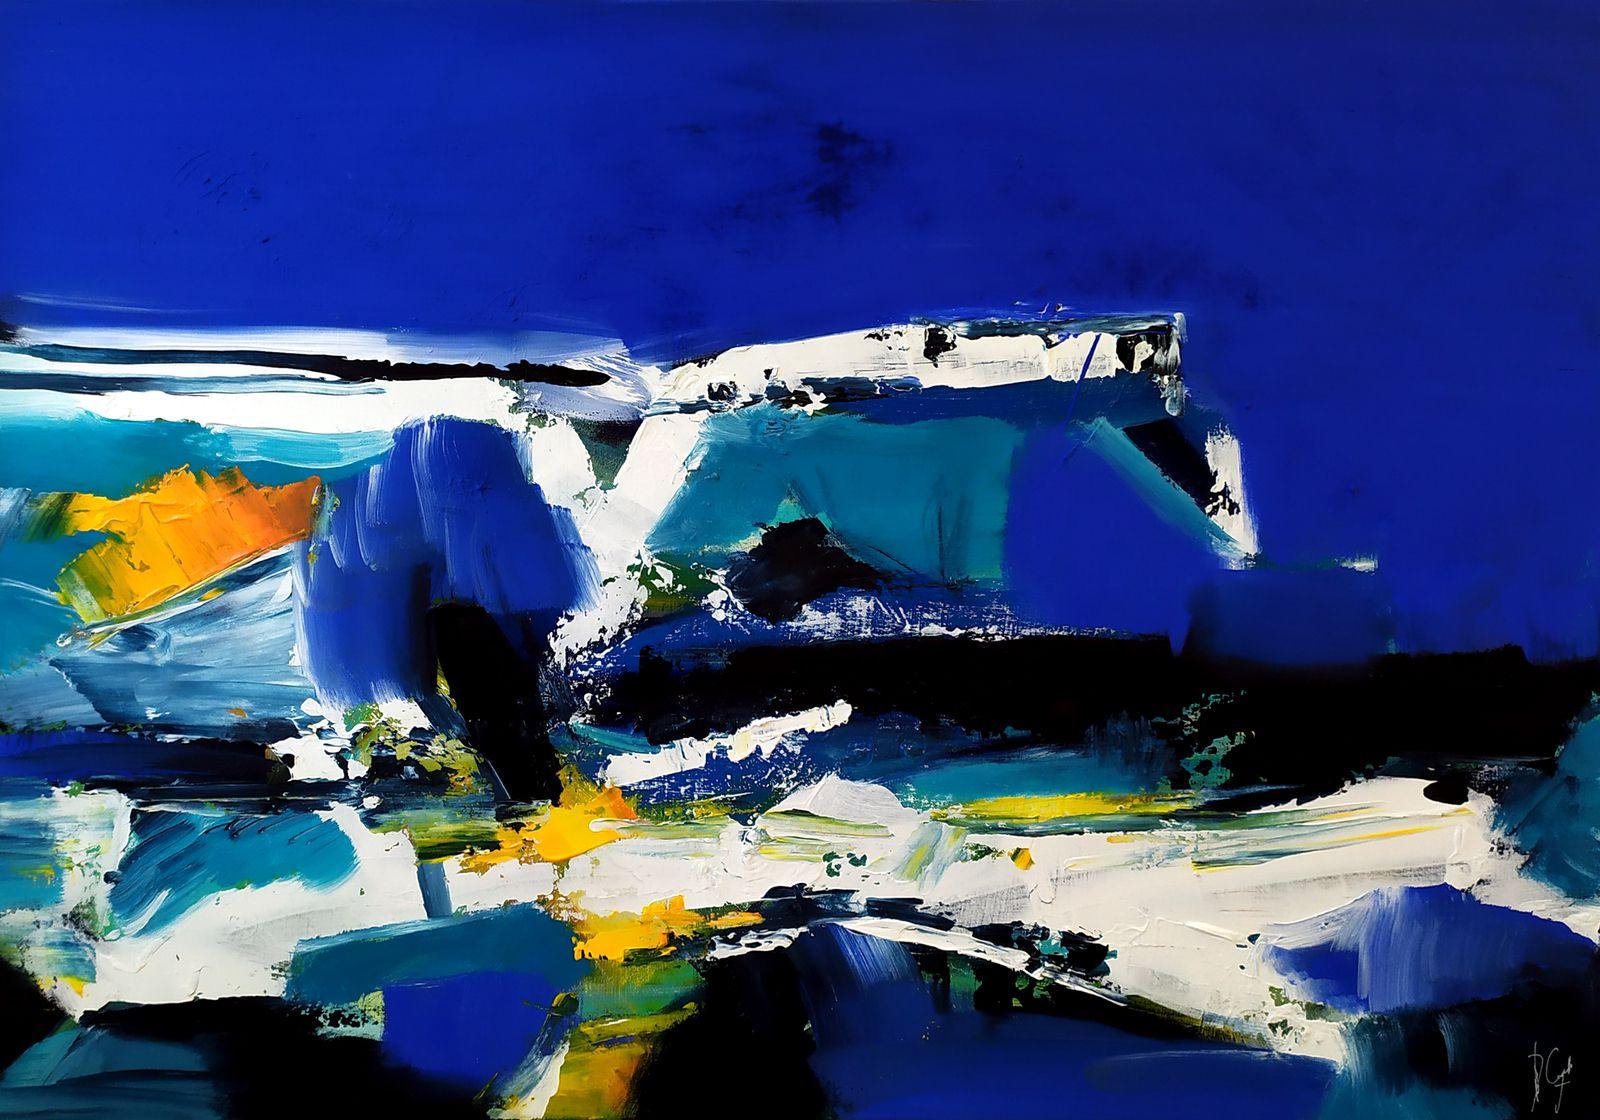 Un rythme architecturé - 70x100 cm - Muriel CAYET - Acrylique sur toile